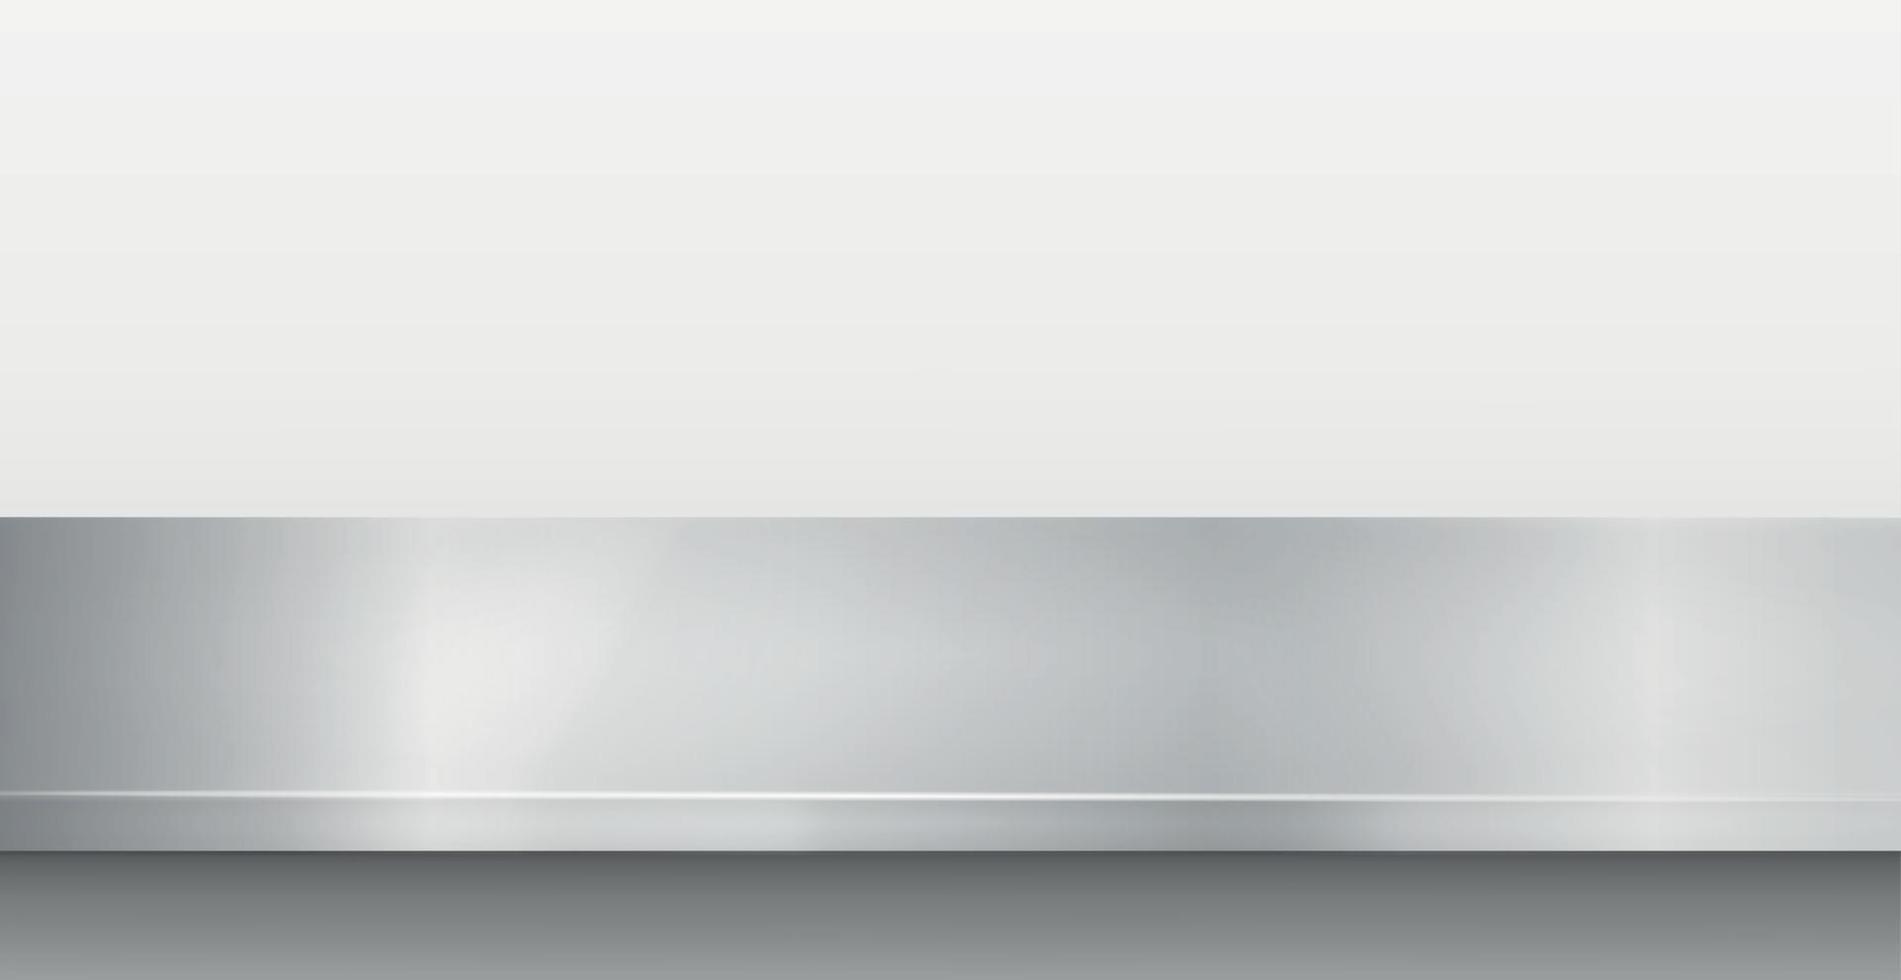 Encimera de cocina de metal, textura de hierro, mesa grande sobre un fondo blanco - vector